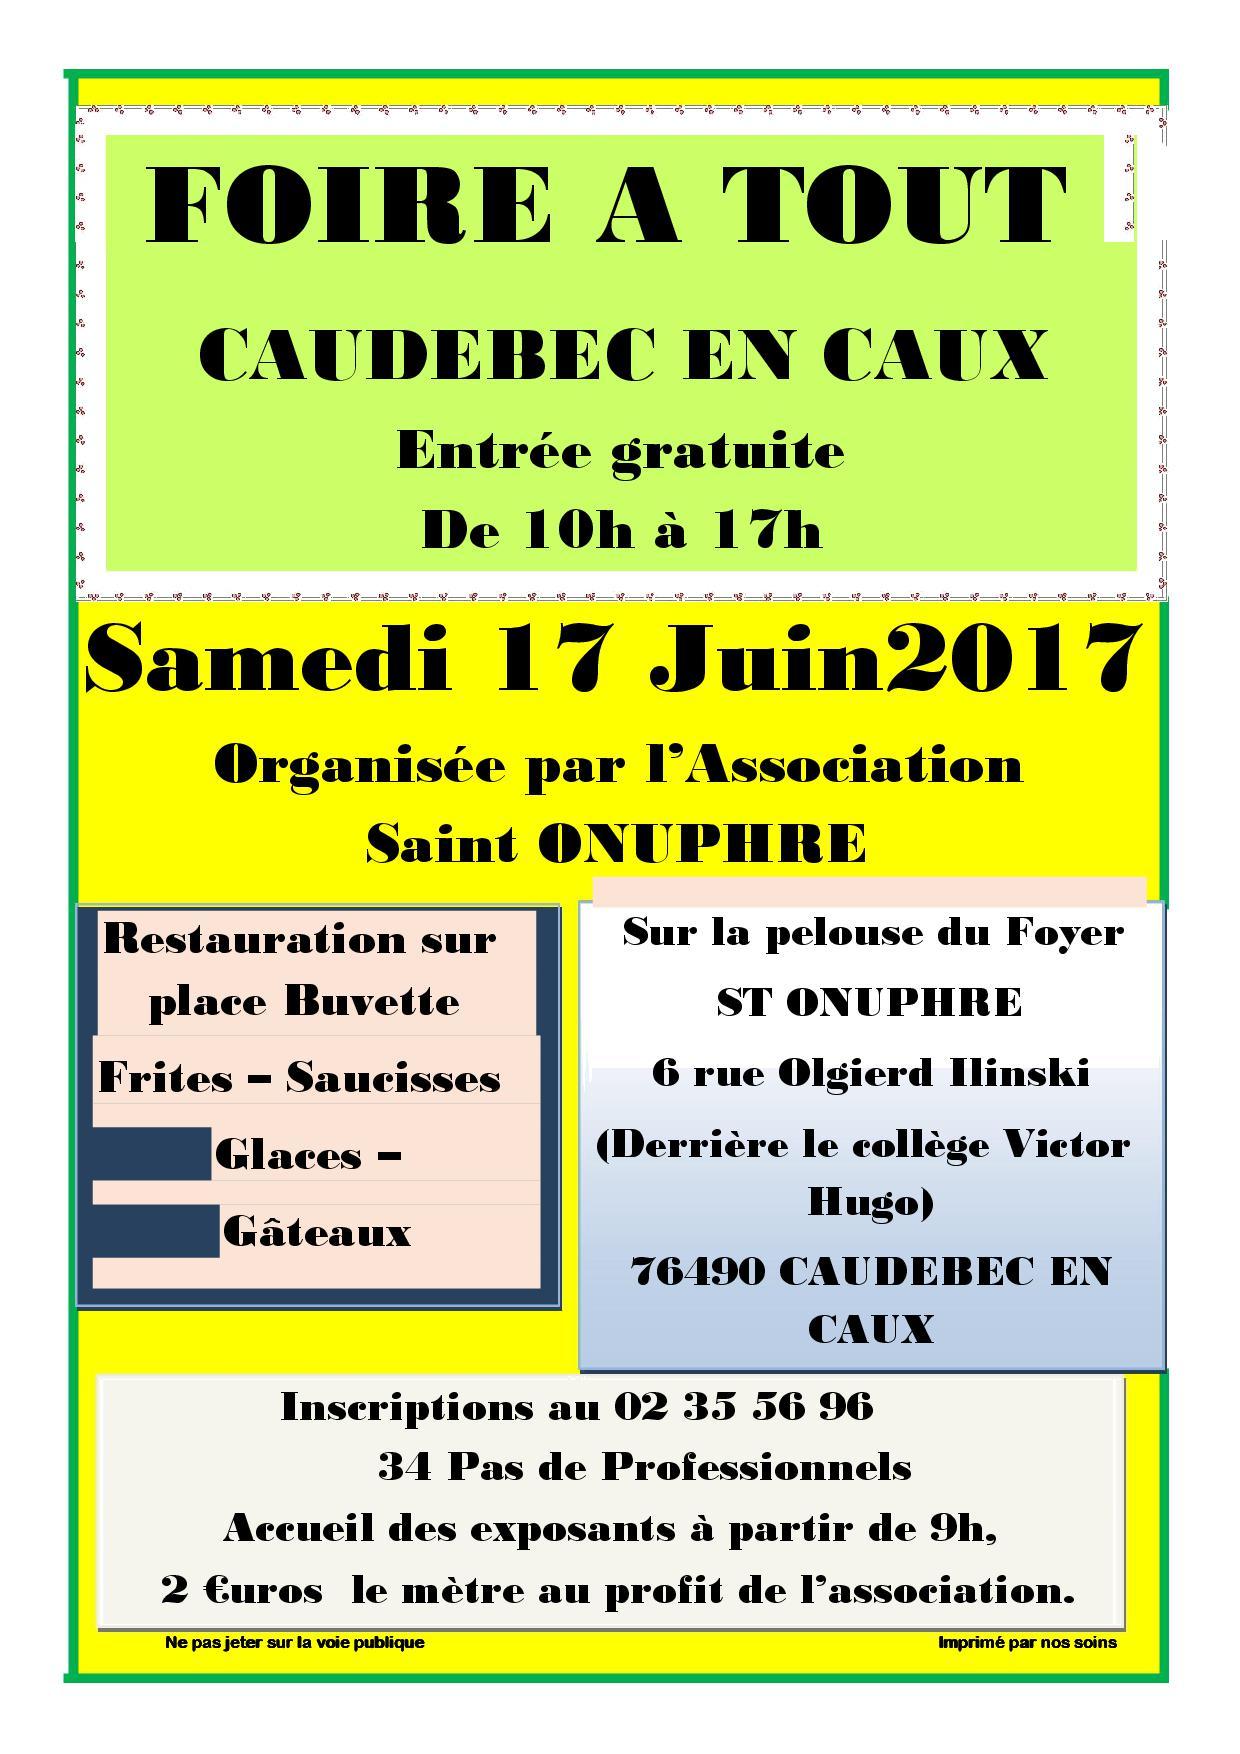 Arcaux de bois himont association de l aide rurale cauchoise - Foire a tout 60 ...